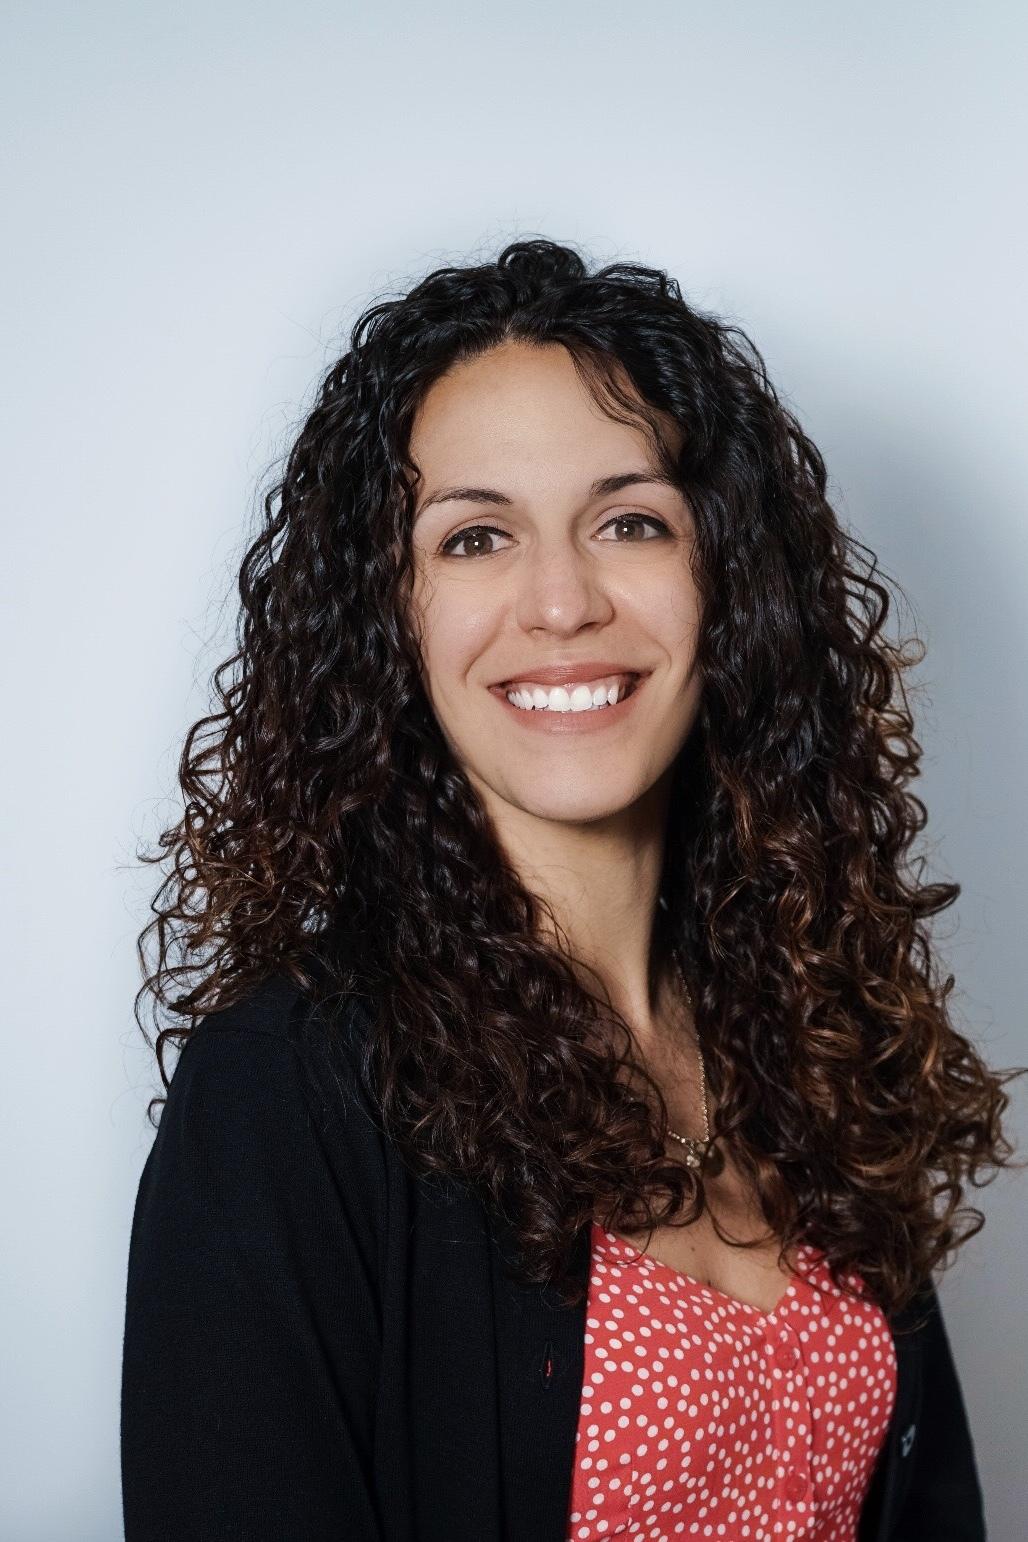 Amanda Oliveri